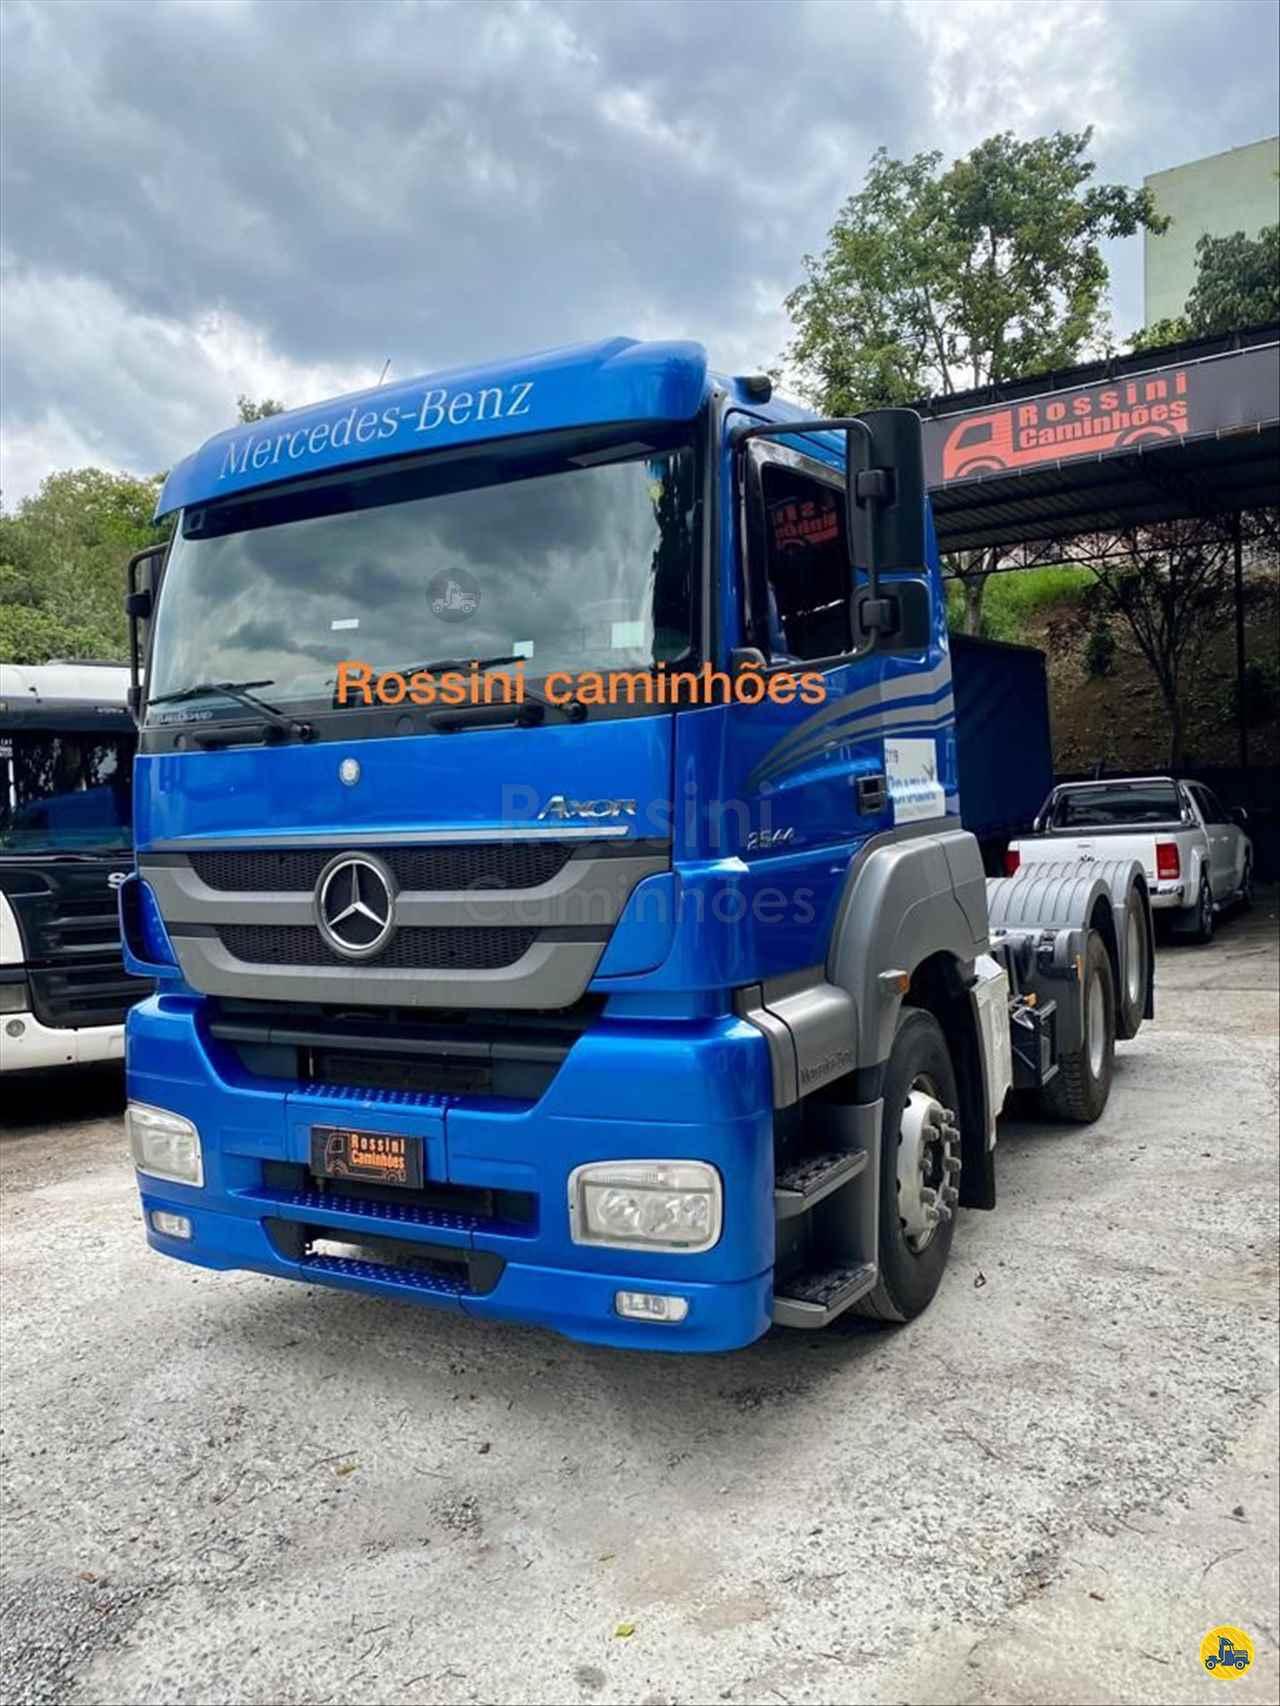 CAMINHAO MERCEDES-BENZ MB 2544 Cavalo Mecânico Truck 6x2 Rossini Caminhões SAO BERNARDO DO CAMPO SÃO PAULO SP